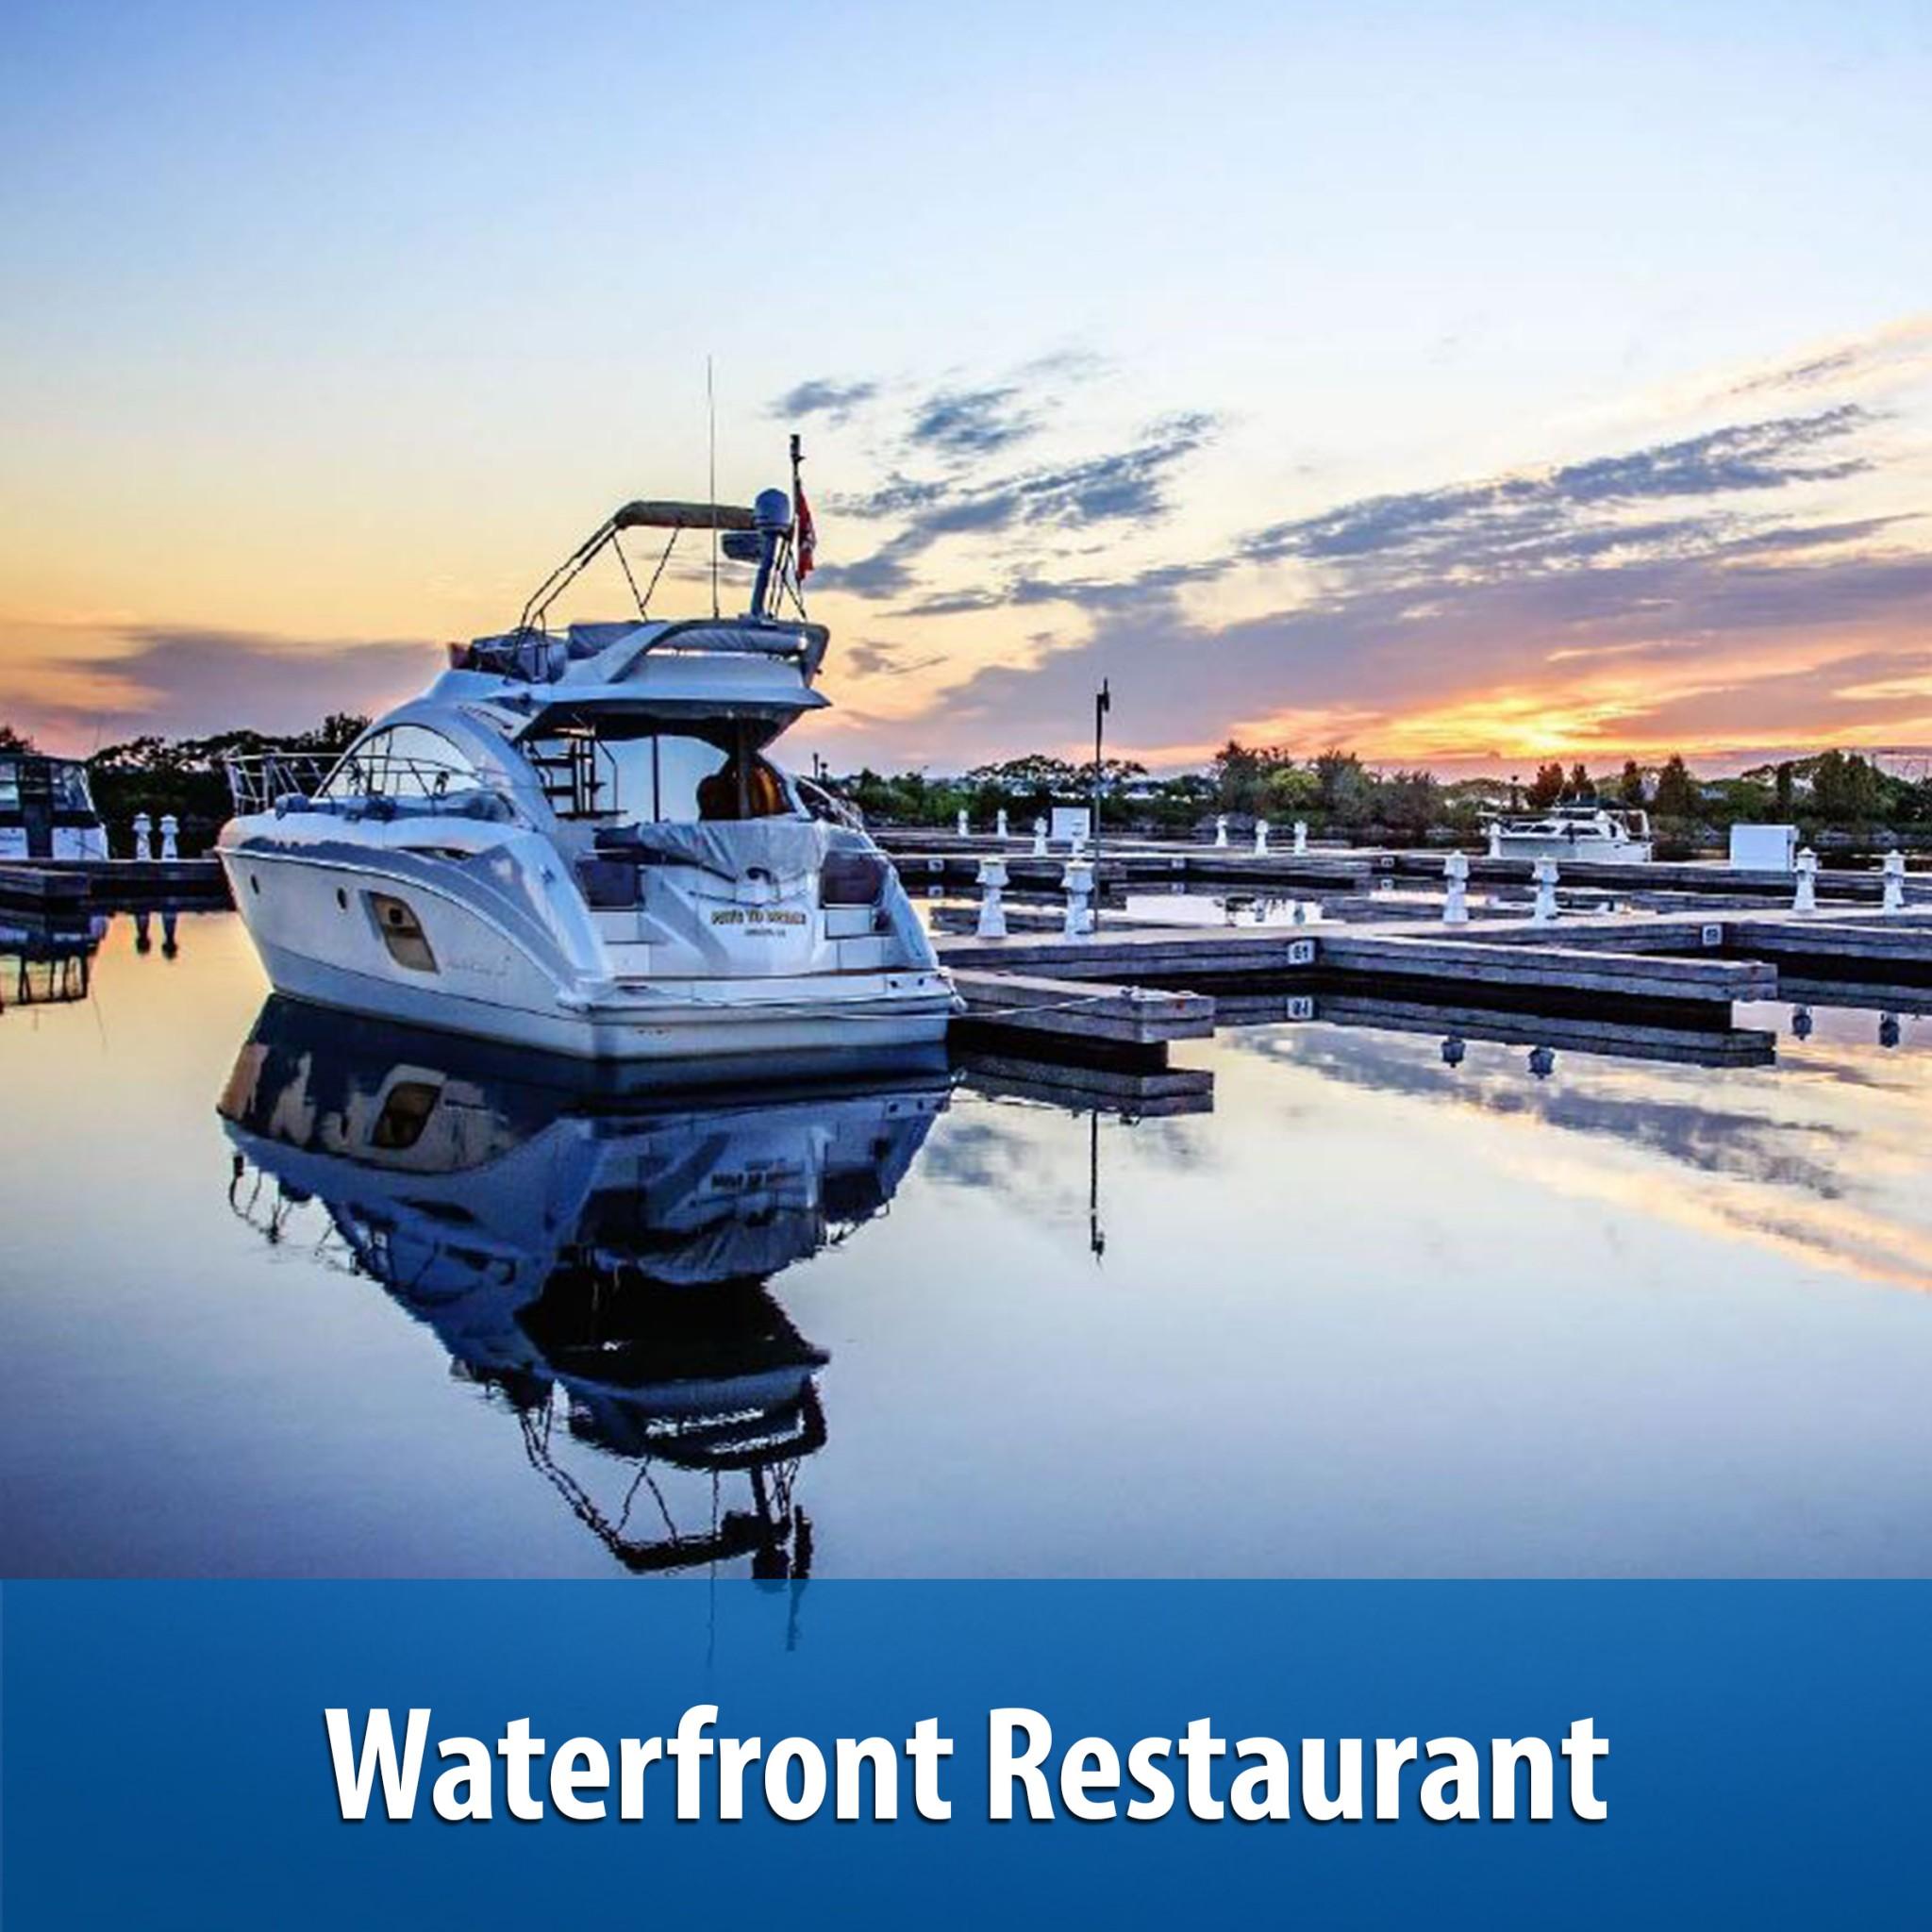 waterfront restaurant - Invest